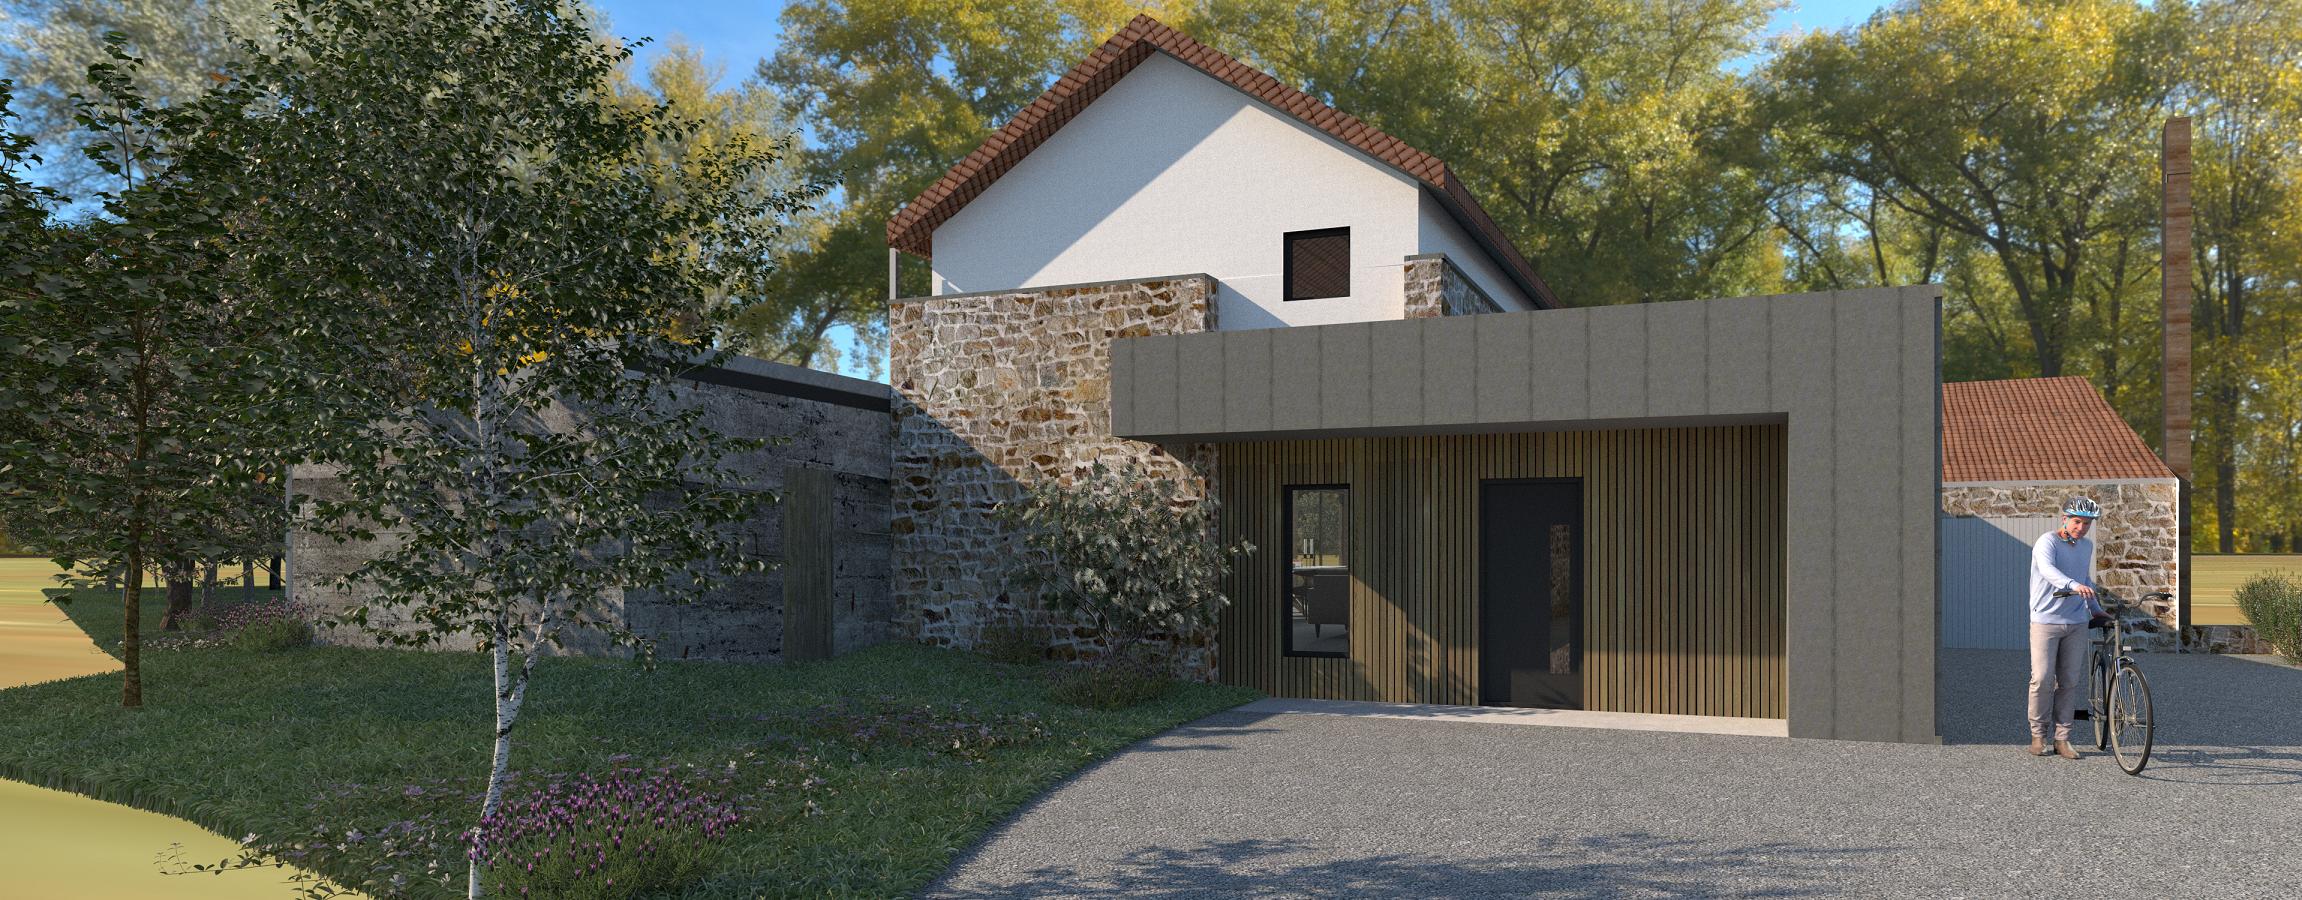 3A Surget Agence d'Architectes Associés - SAINT VIAUD